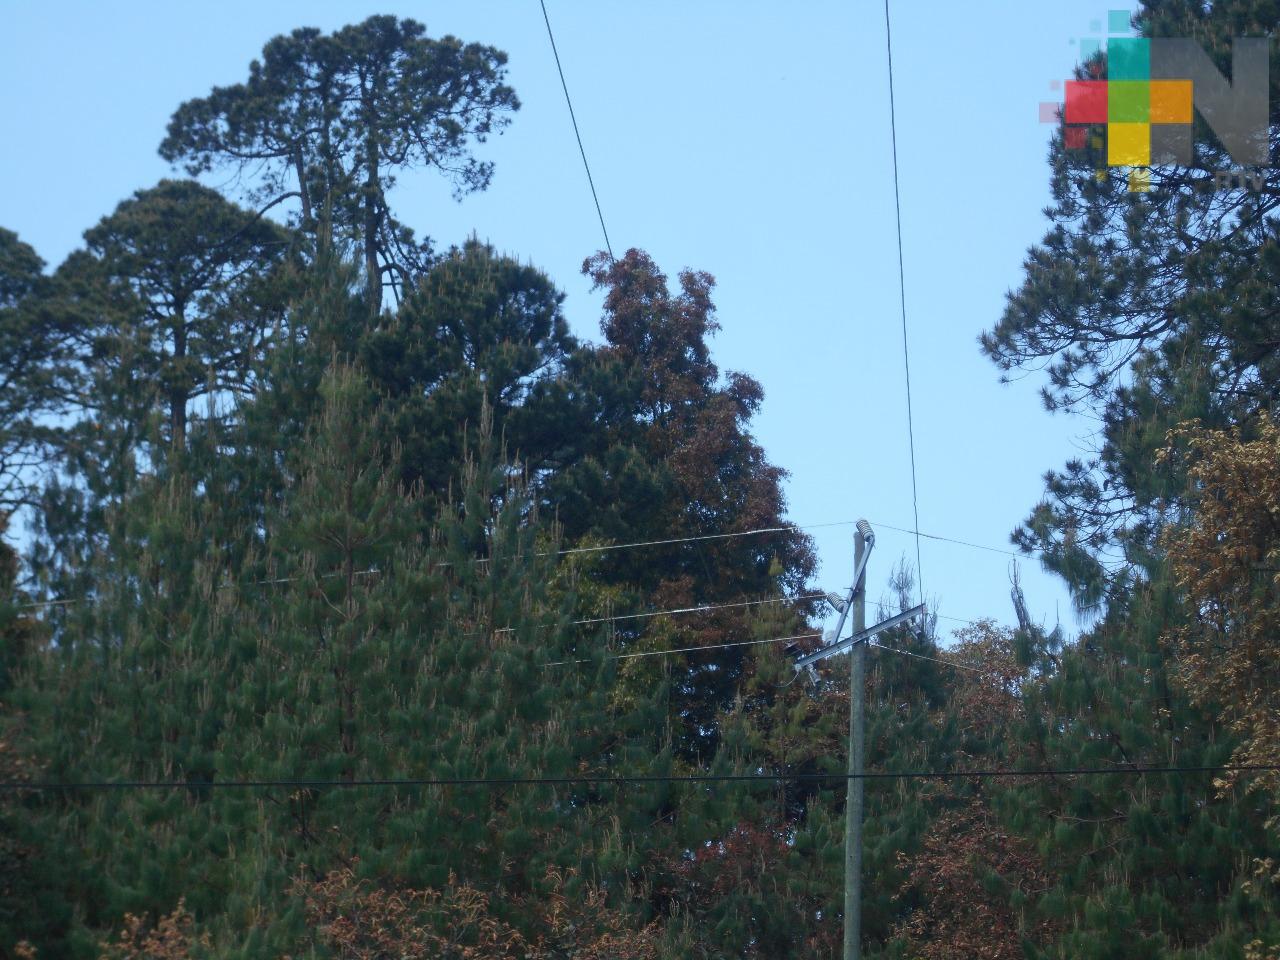 CFE sin dar respuesta a problemática de redes eléctricas en Huayacocotla